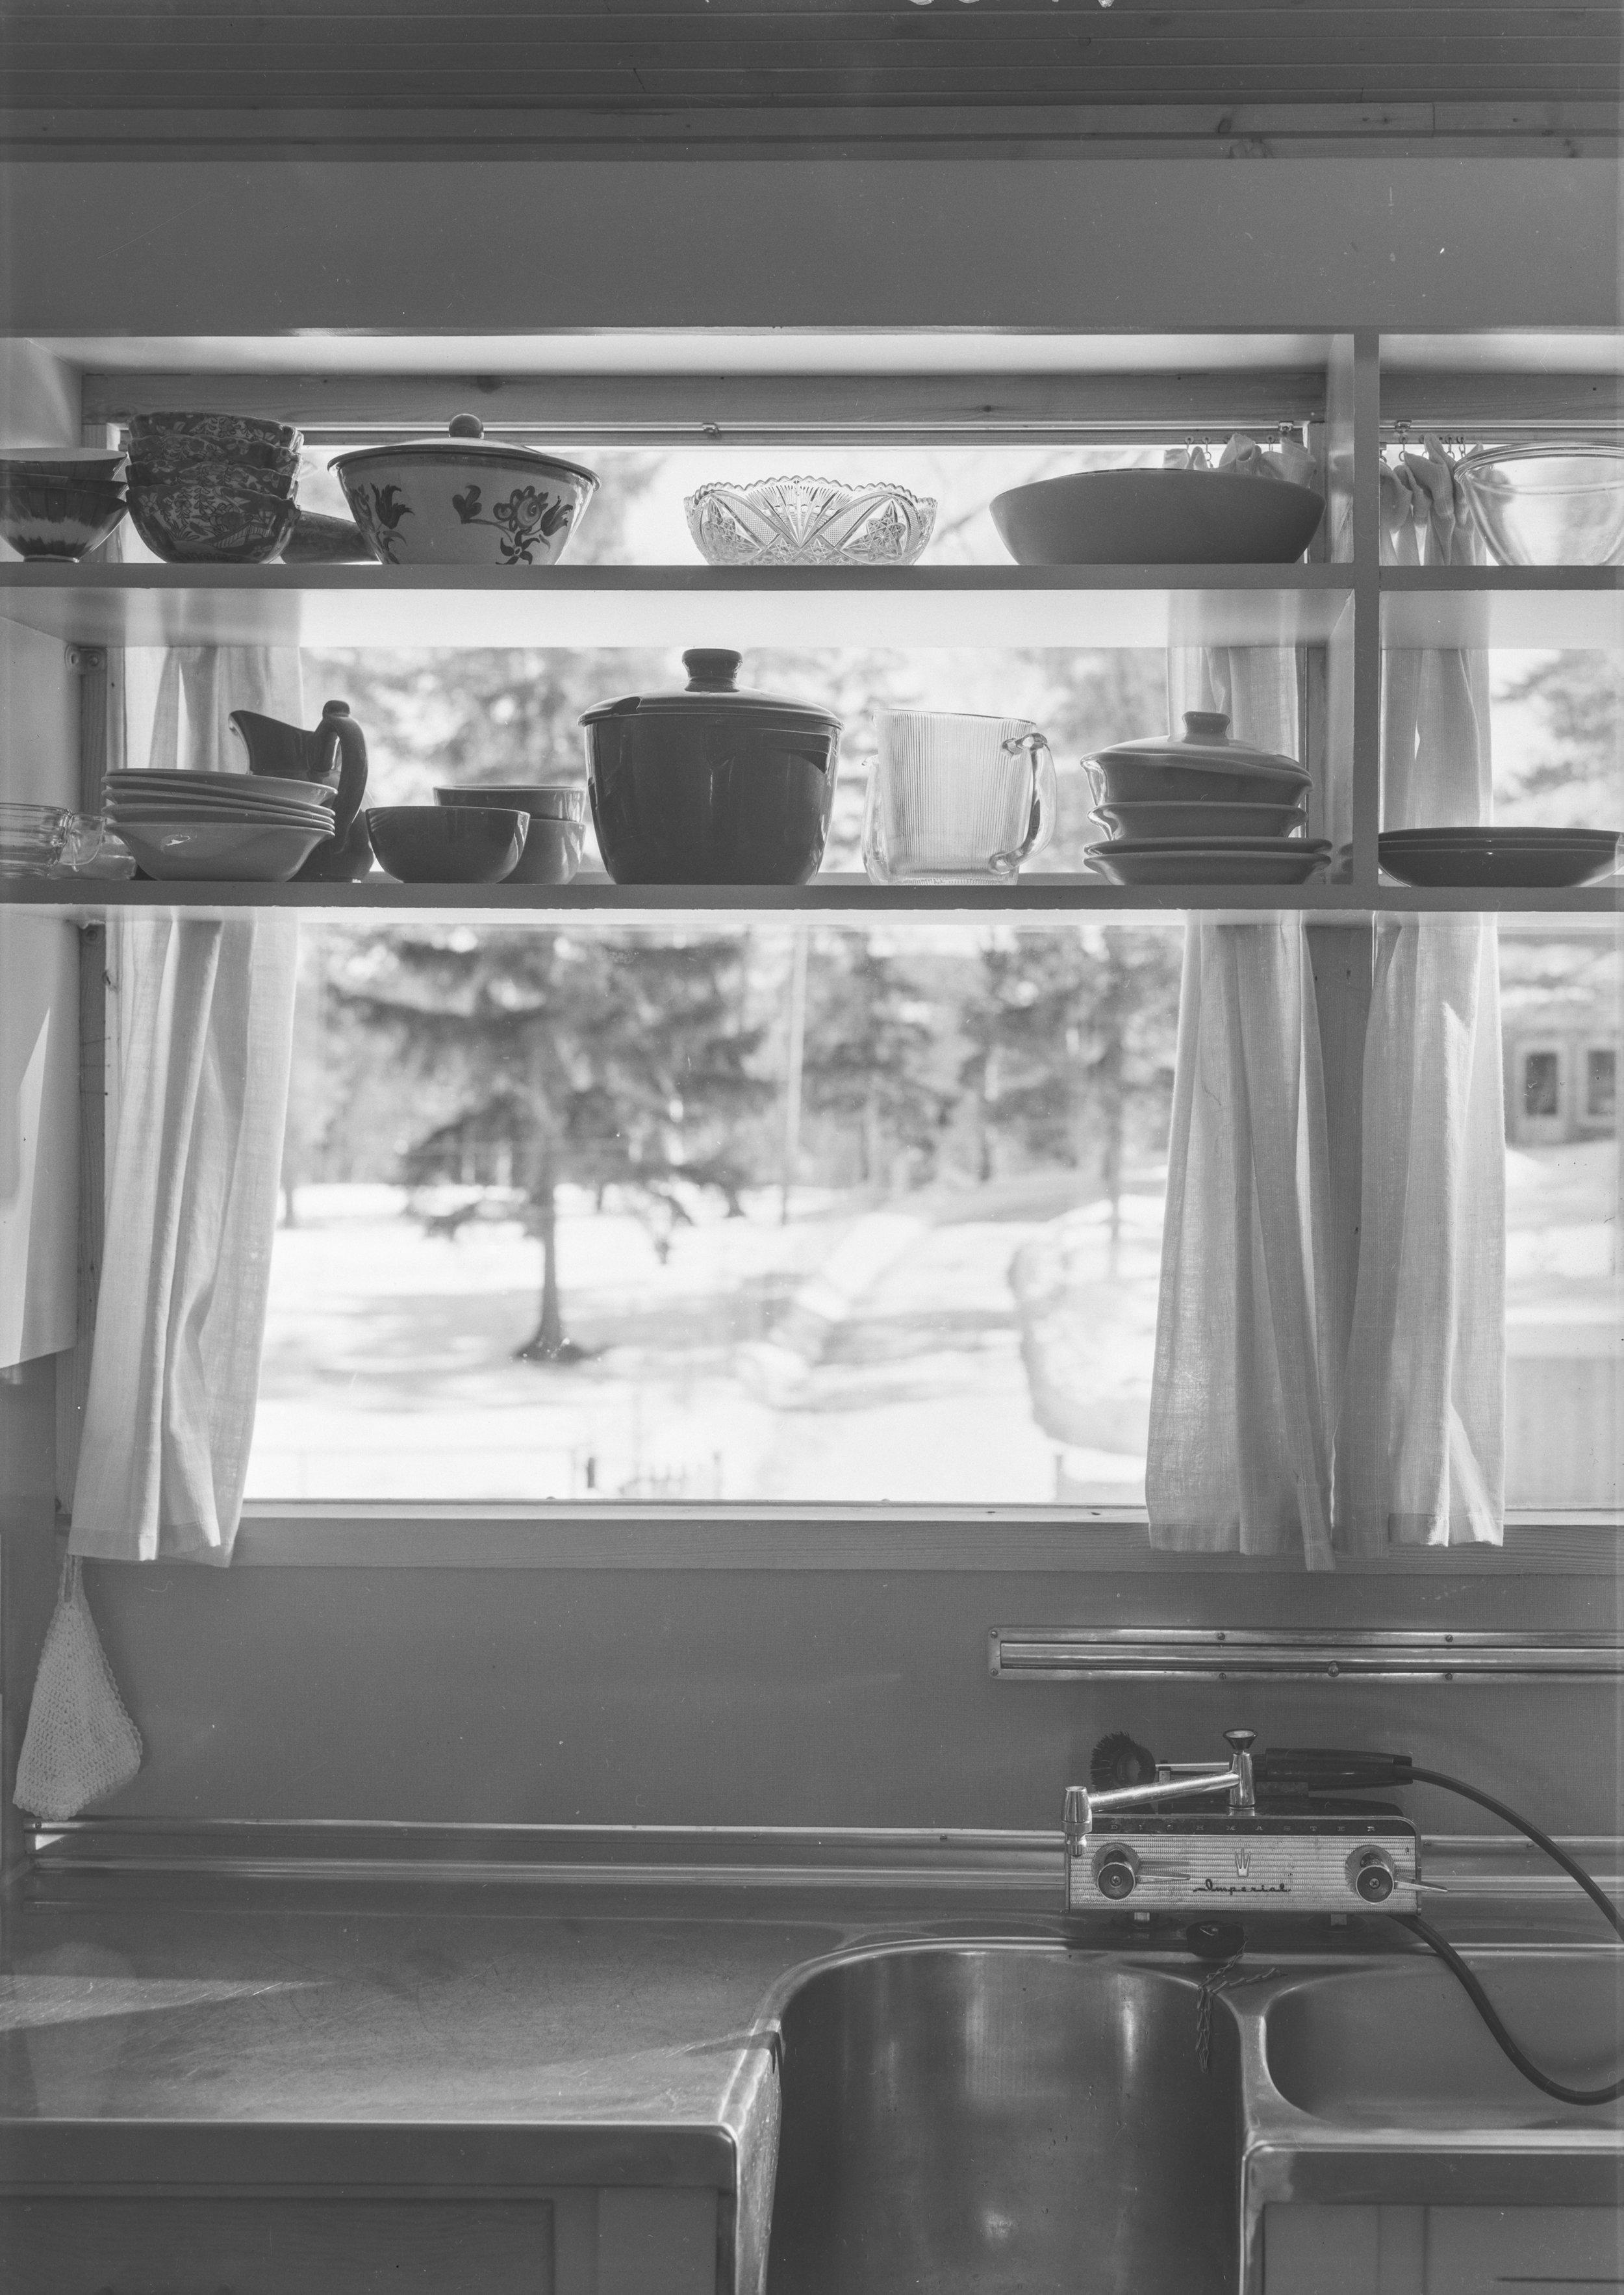 """Flere av arkitektene fra den såkalte Knutsen-skolen hentet inspirasjon fra modernismens """"glasshus"""", men arbeidet samtidig med å balansere mellom åpenhet og innsyn."""